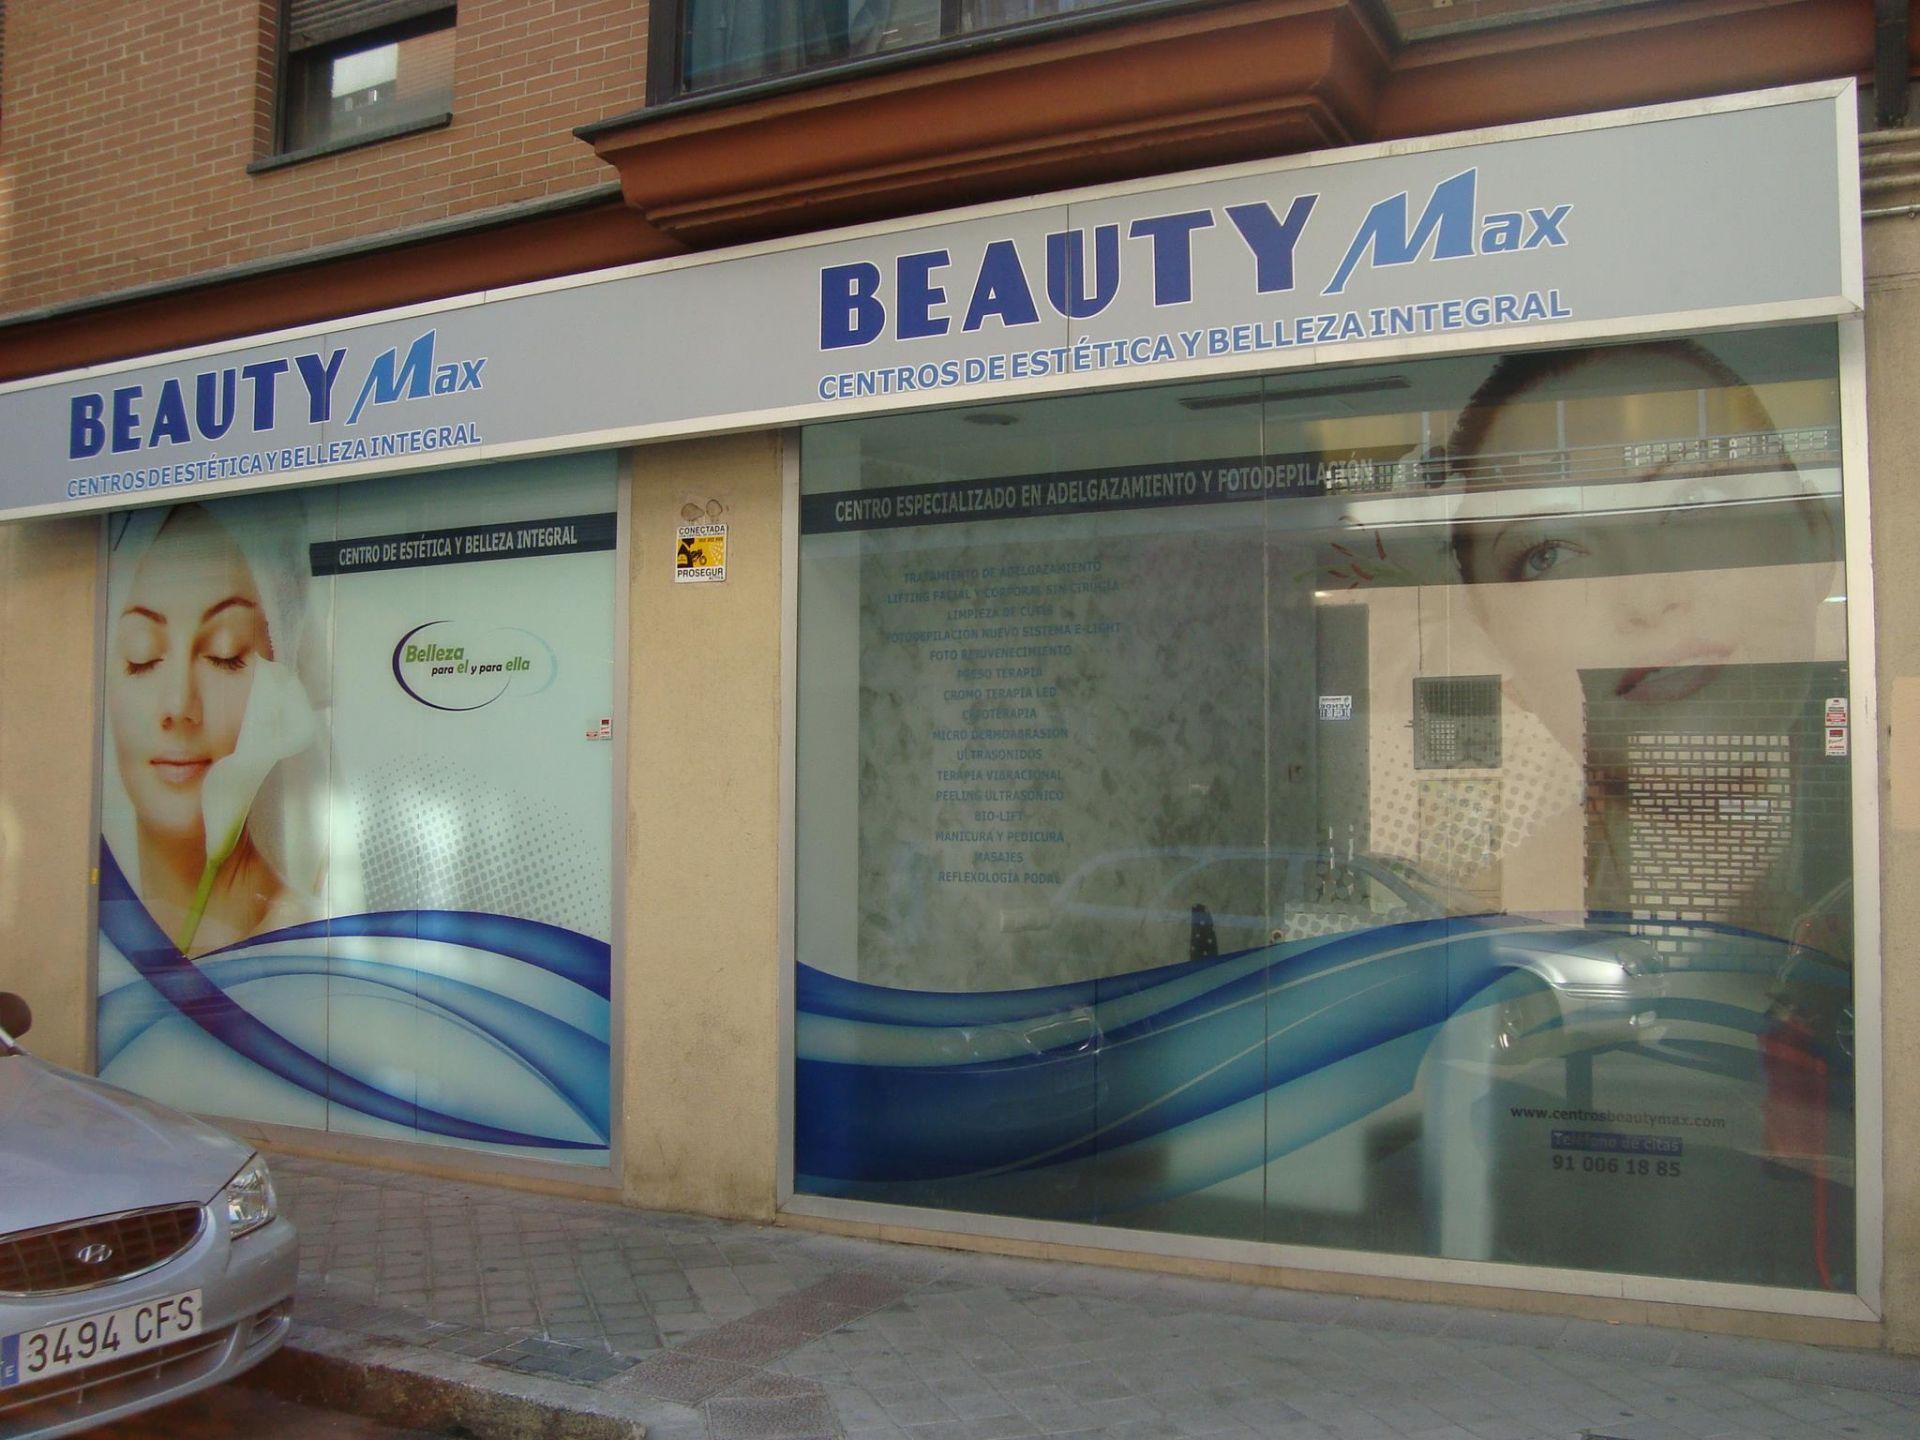 Centro Beauty Max